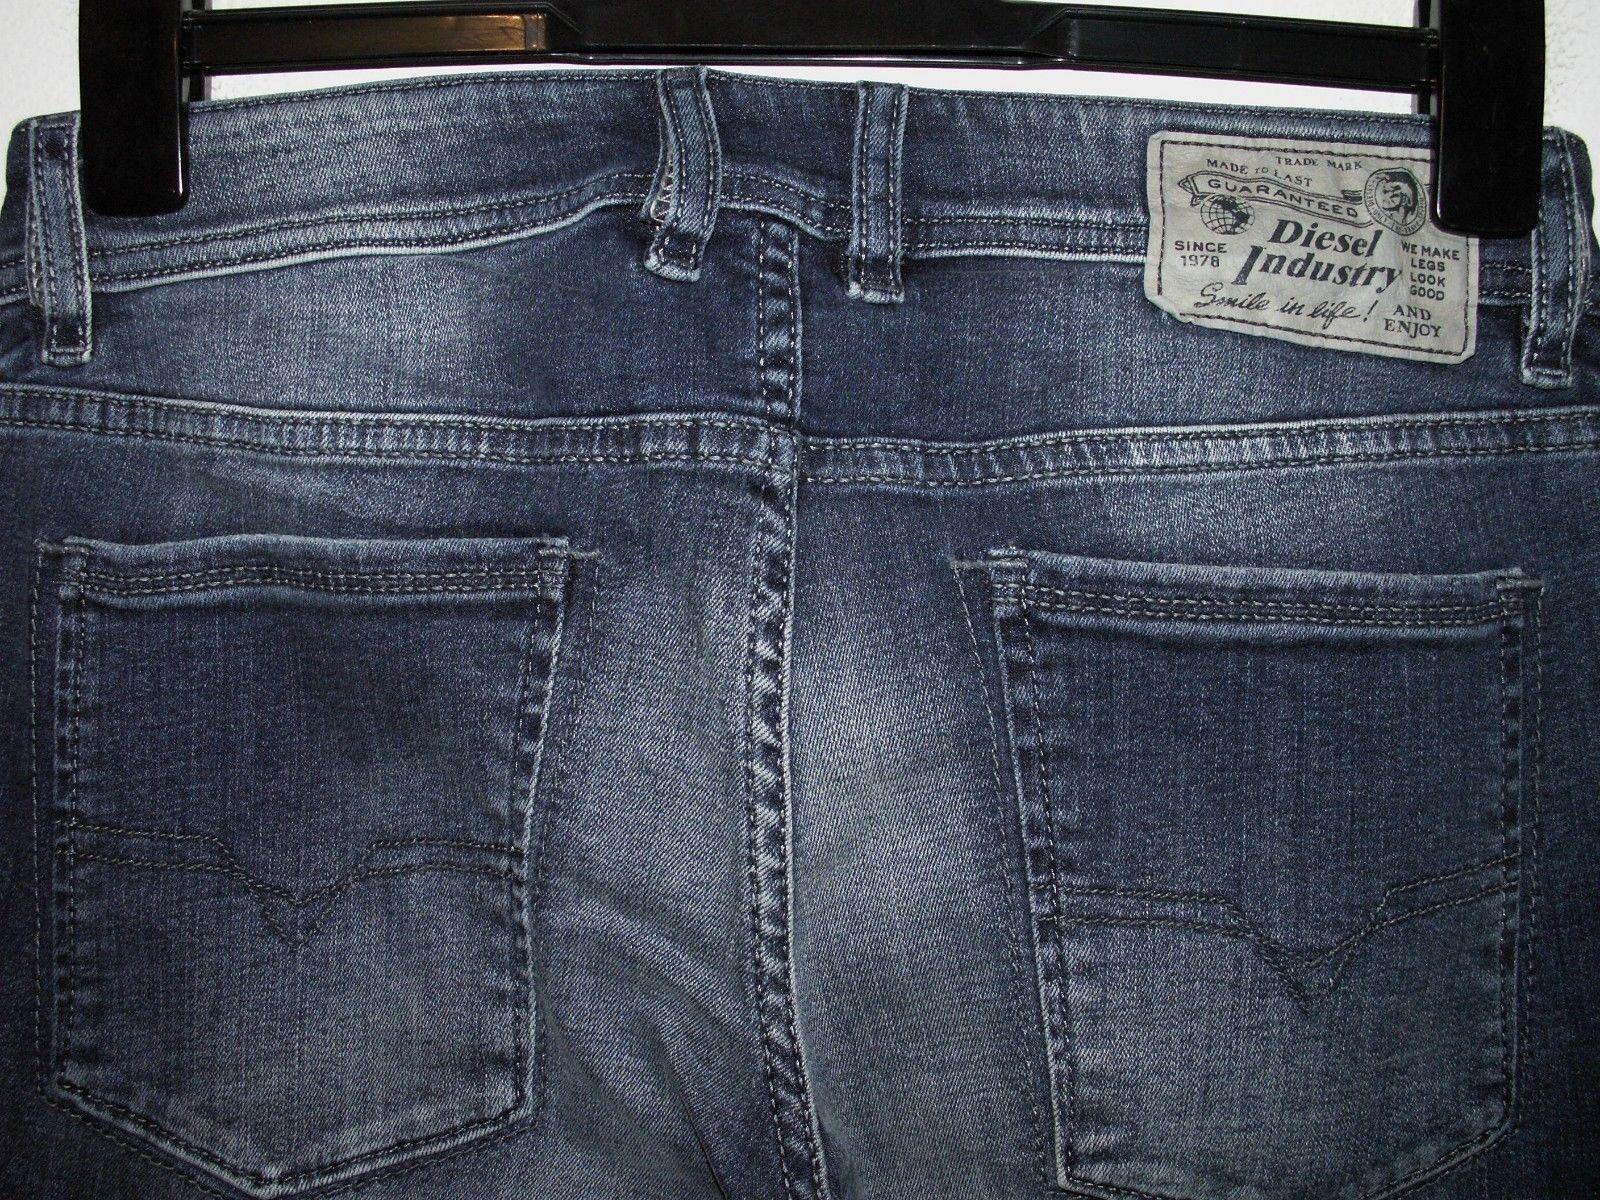 Diesel sleenker slim-skinny jeans 0R841 stretch W28 L32 a1017 119.99 sale 69.99